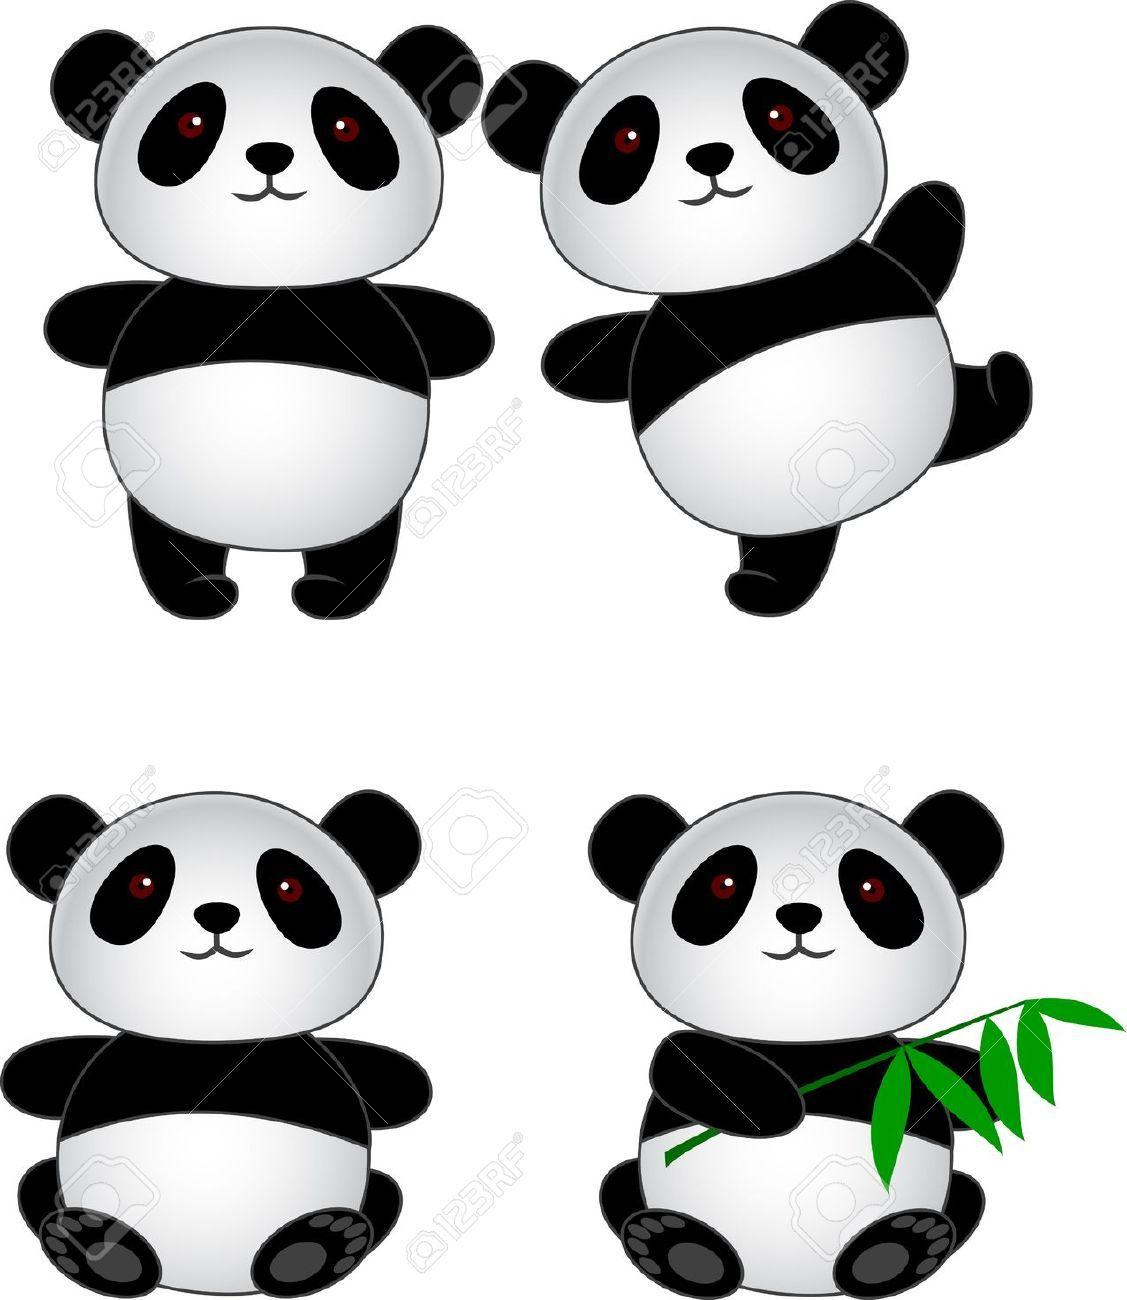 R sultat de recherche d 39 images pour panda dessin noir et - Dessins de panda ...